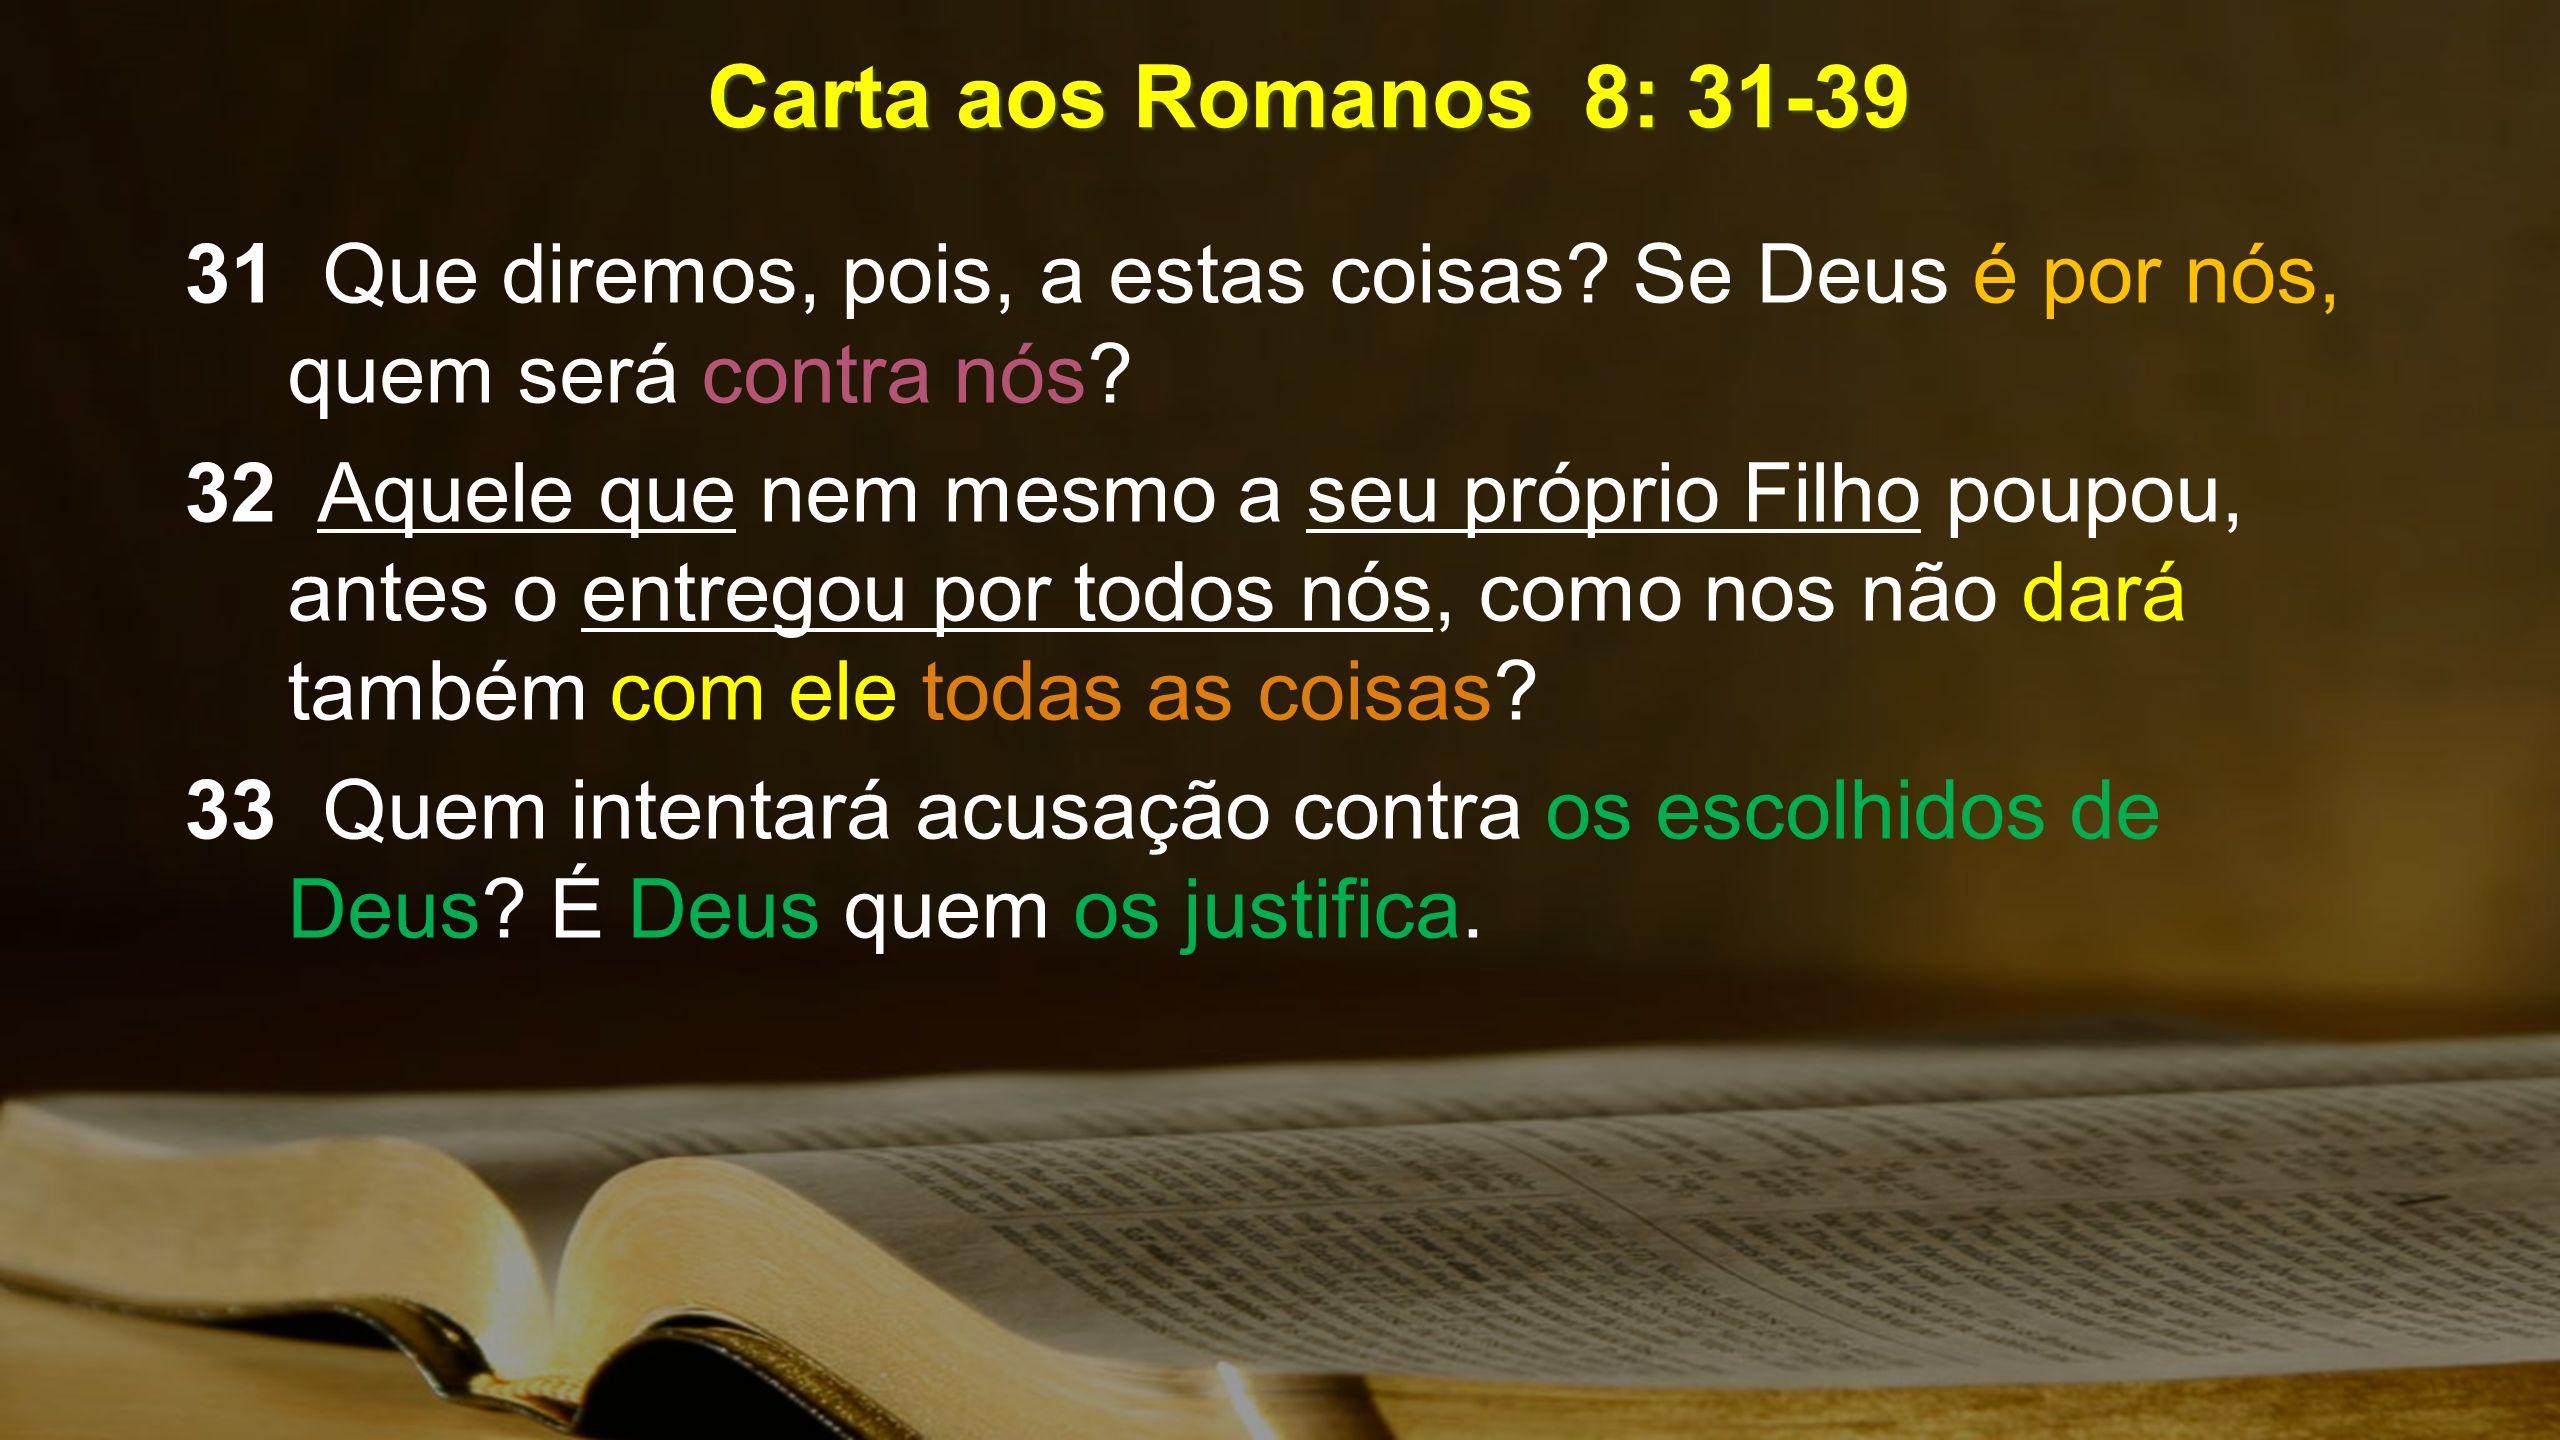 Carta aos Romanos 8: 31-39 31 Que diremos, pois, a estas coisas Se Deus é por nós, quem será contra nós